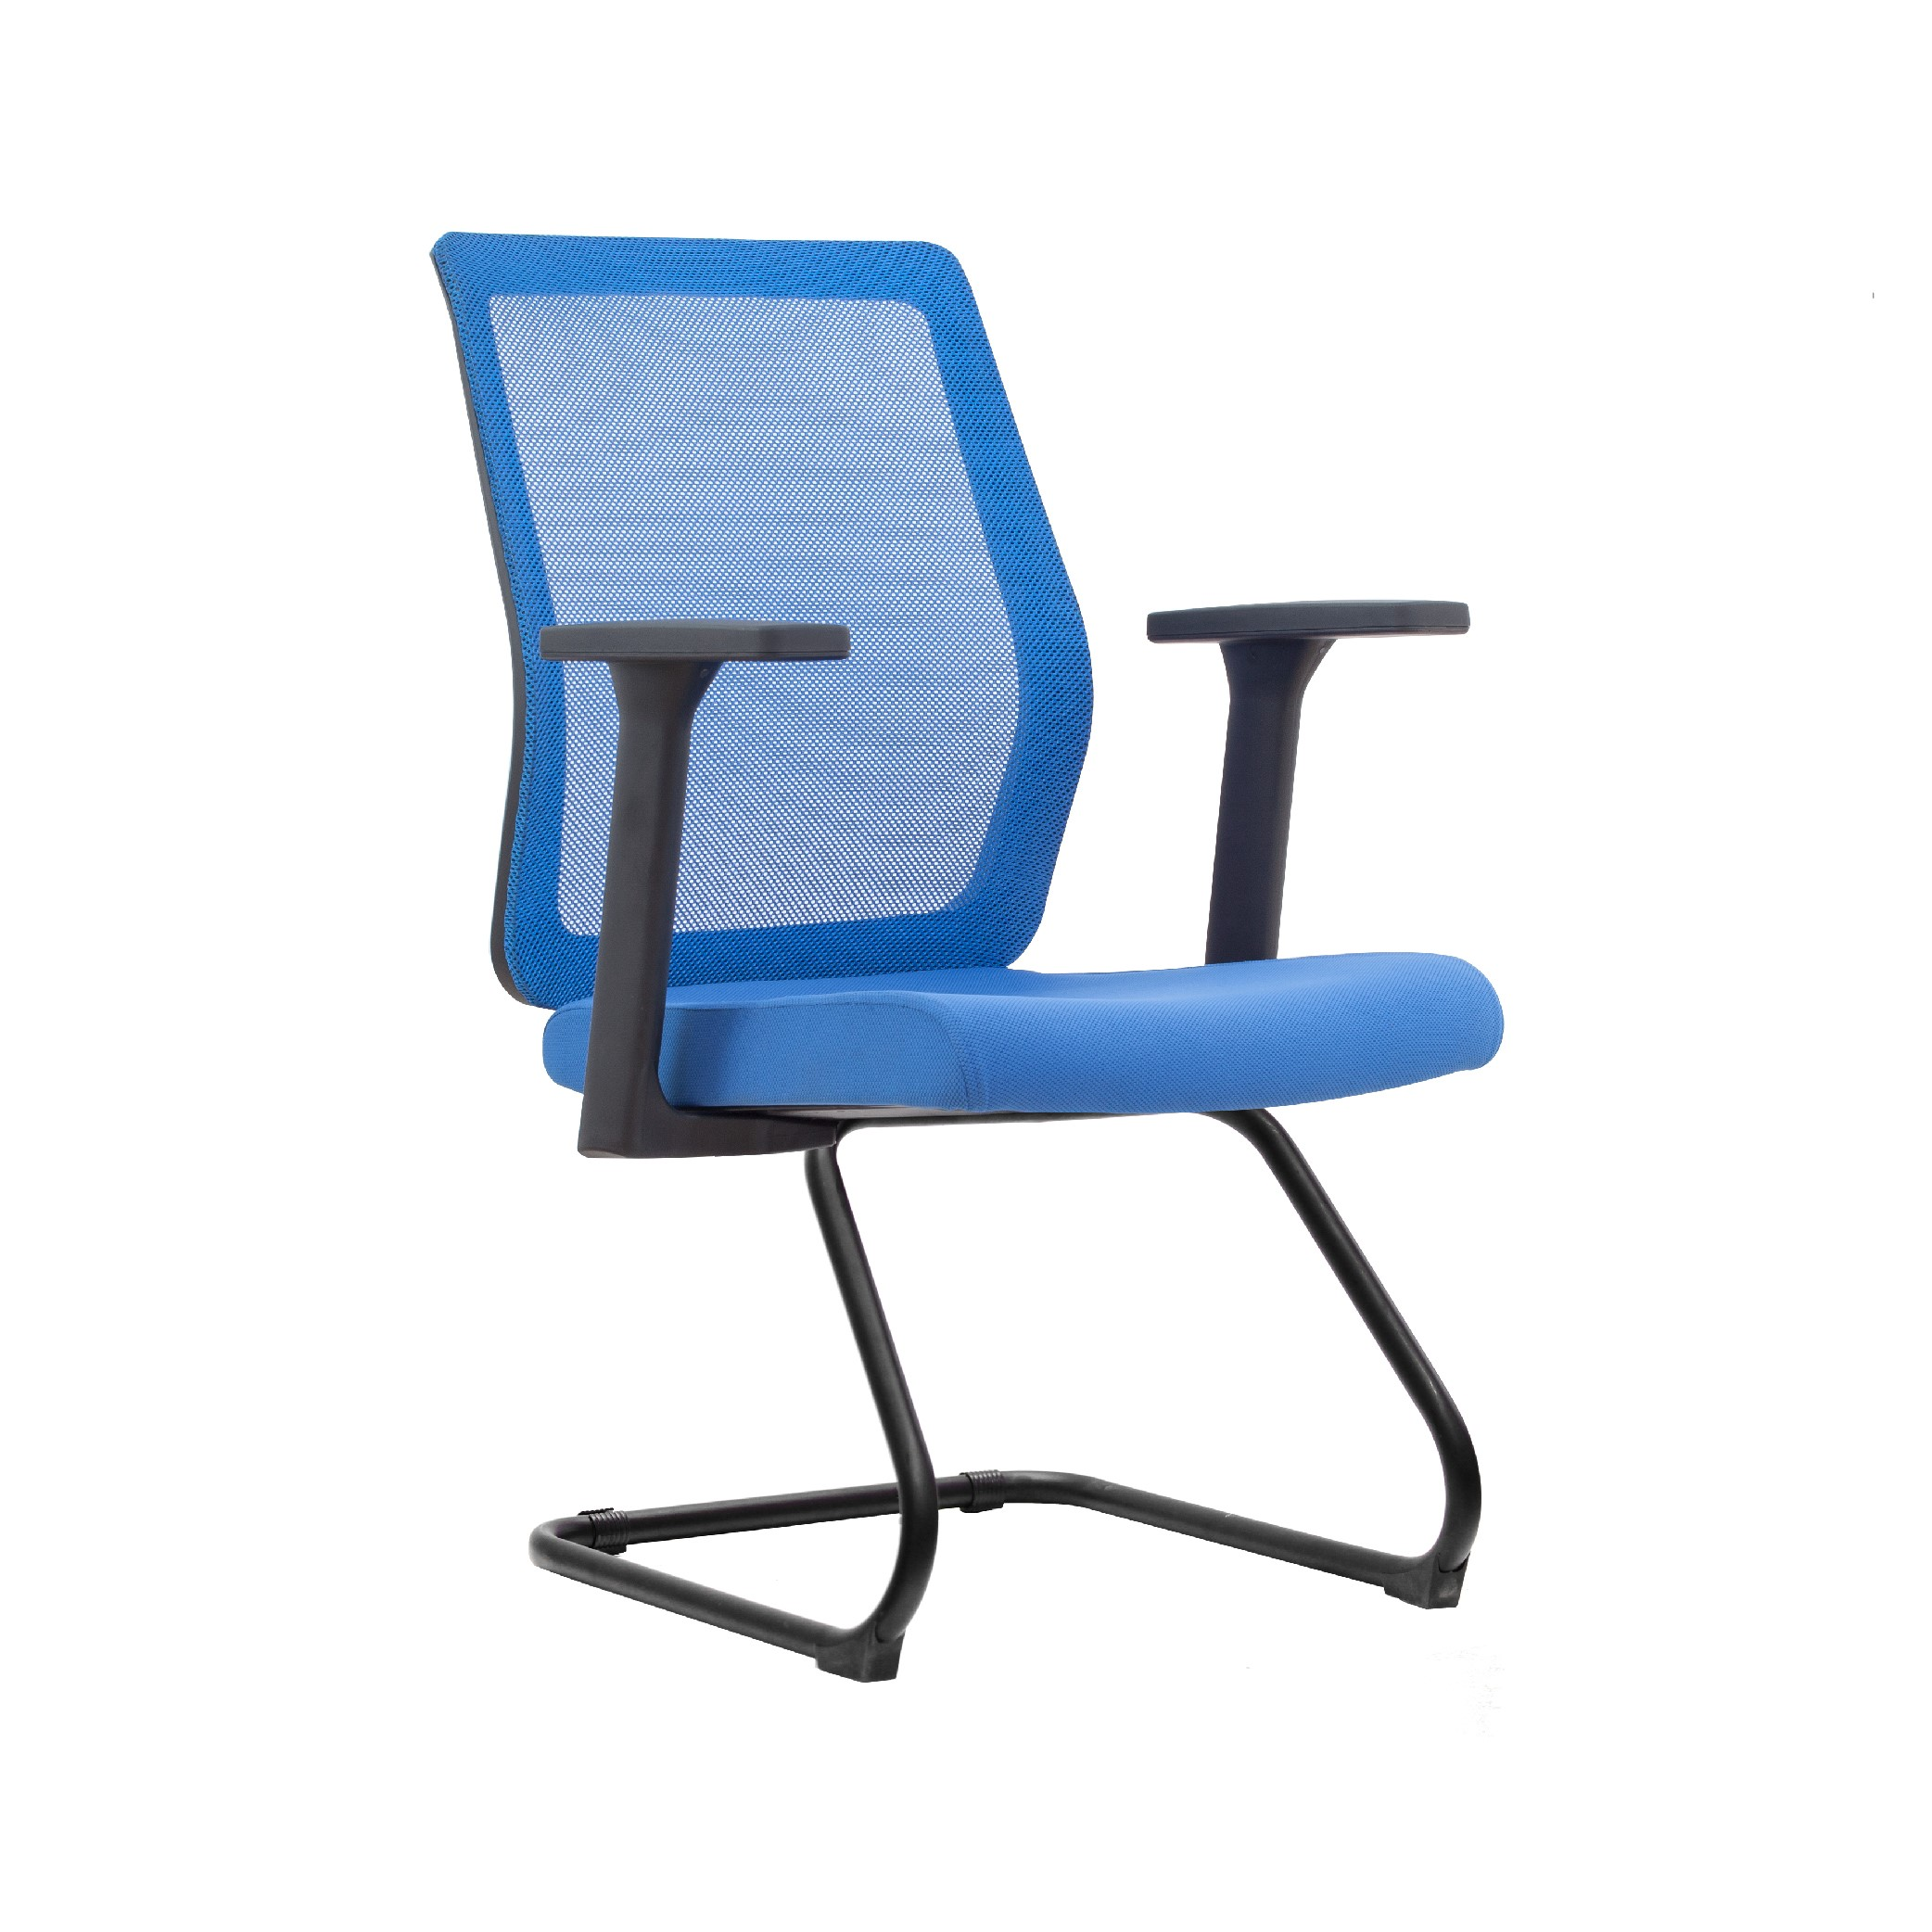 VixF – Assai 106 Chair